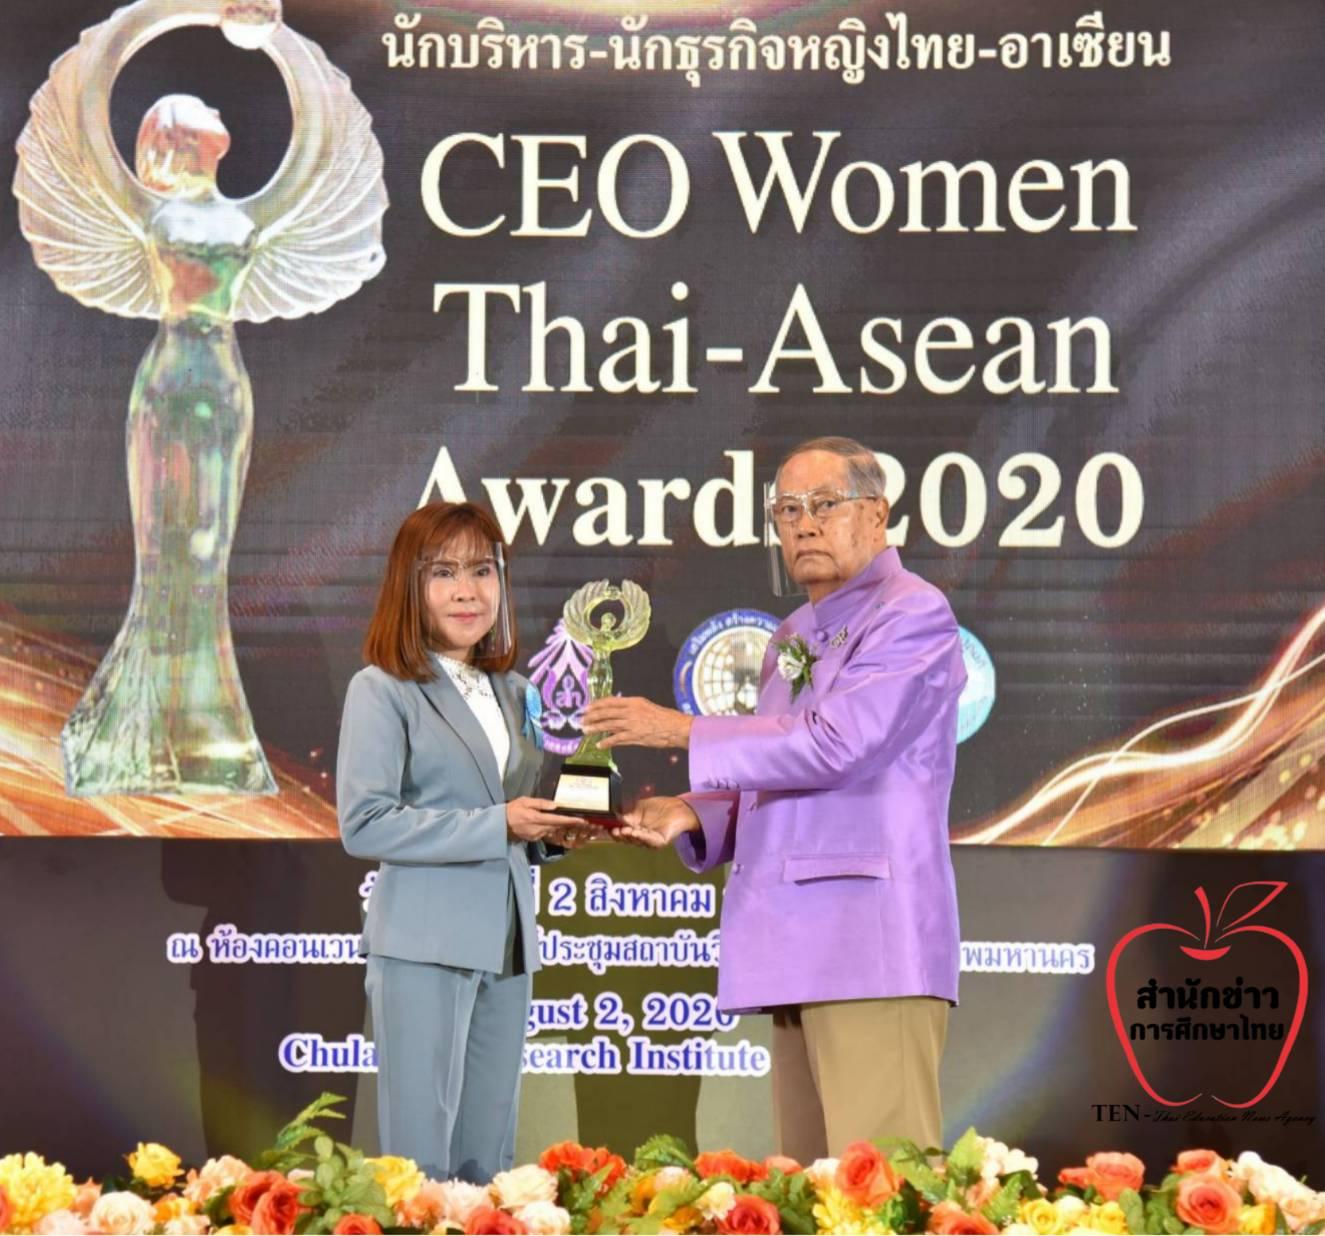 ผอ.สาธิต ศิลปากร (มัธยม) รับรางวัล นักบริหารหญิงไทย-อาเซียน